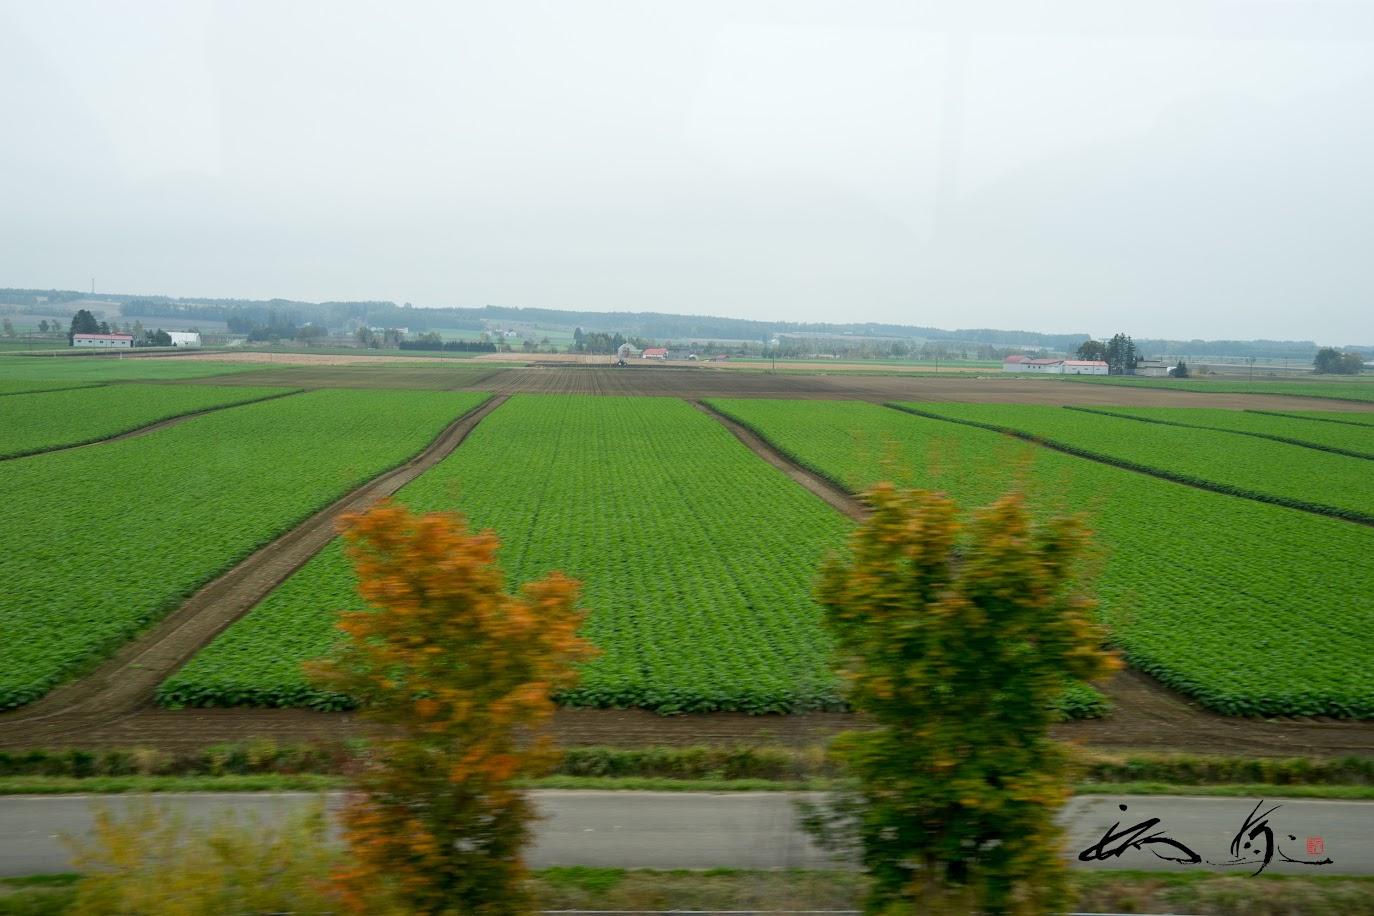 車窓から眺める広大な畑の風景